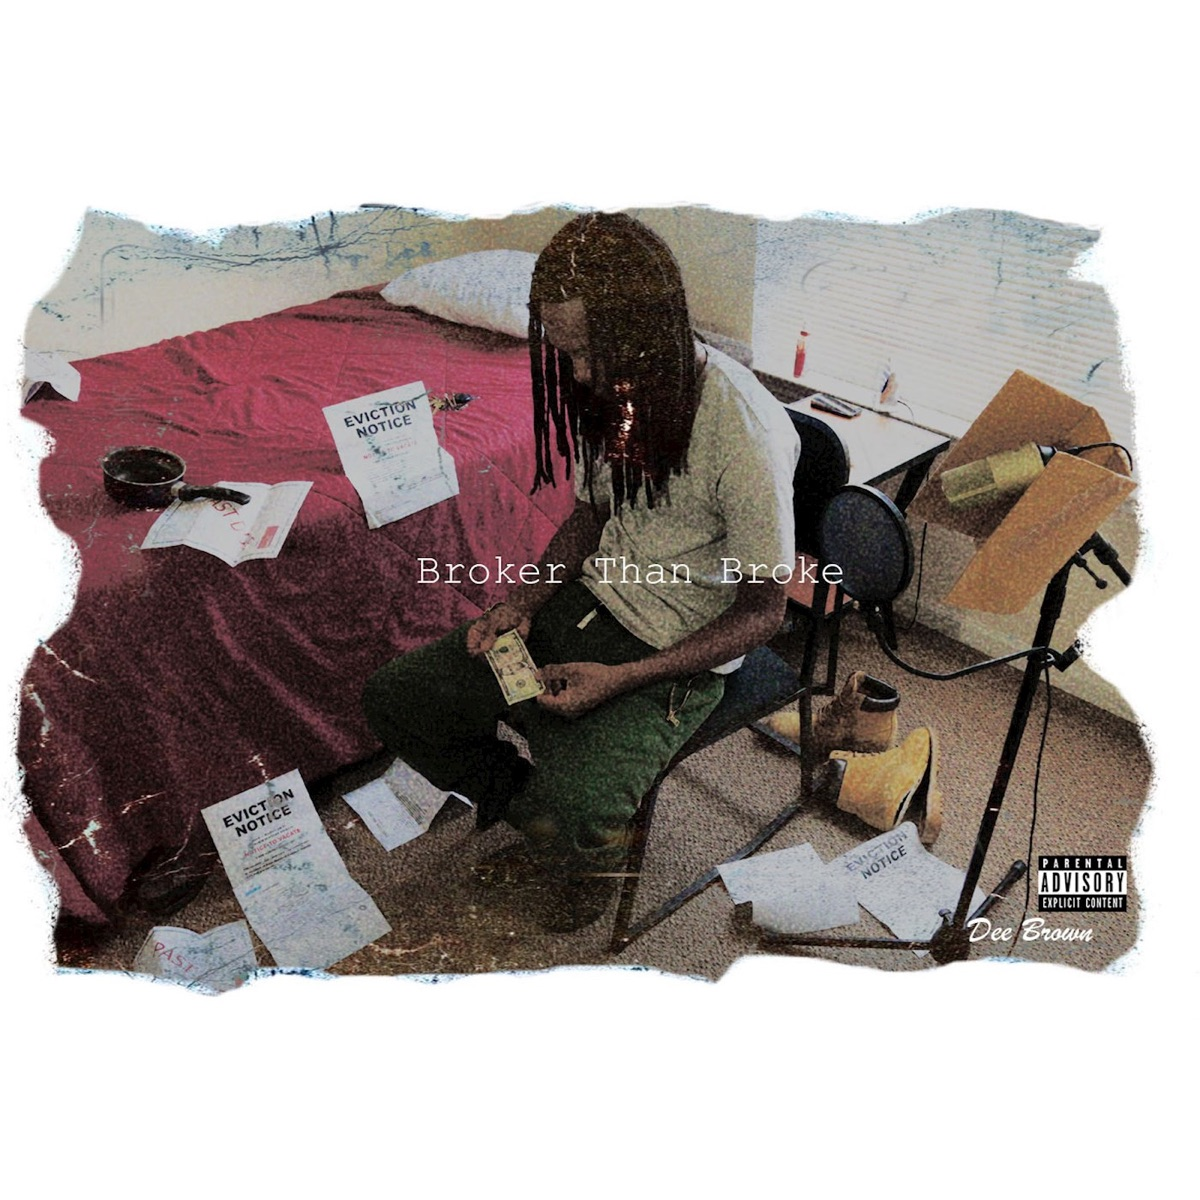 Broker Than Broke Dee Brown CD cover